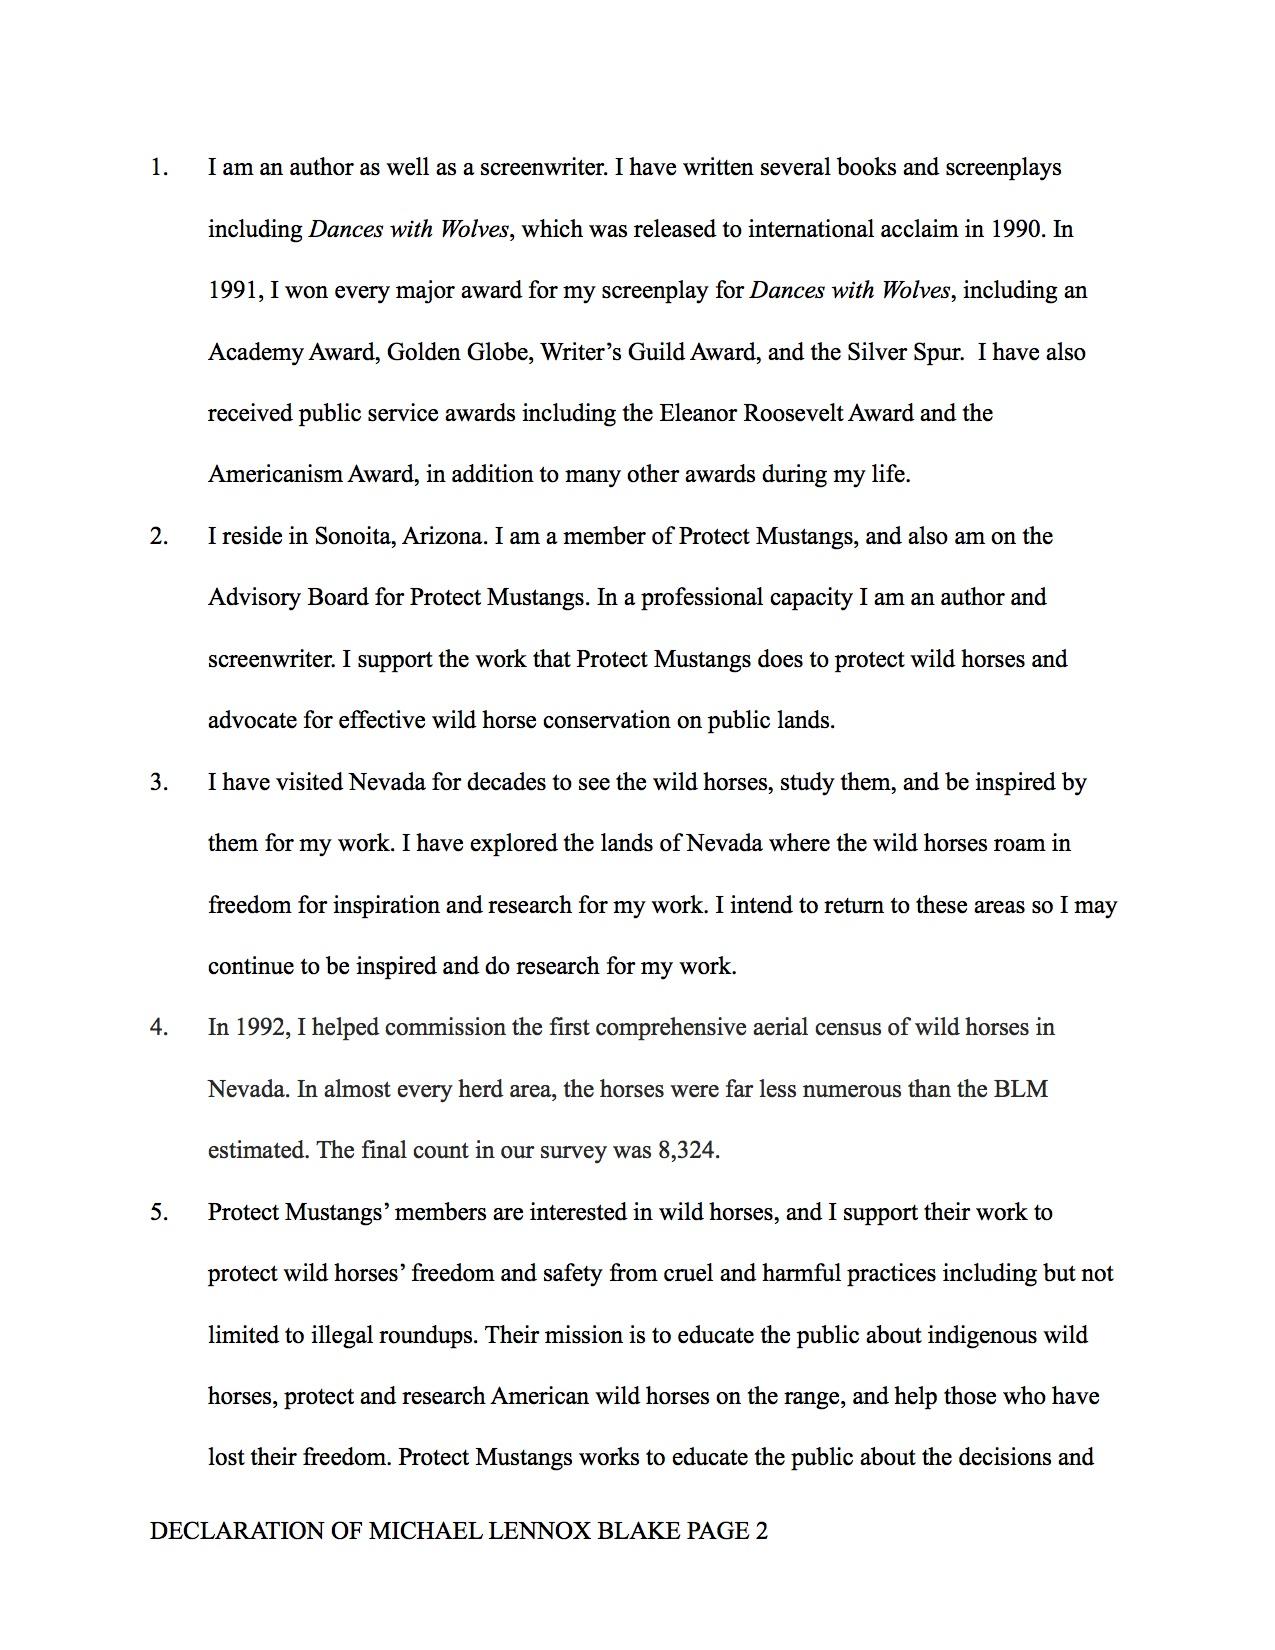 PM Michel Blake declaration Fort McDermitt 2013 - 2